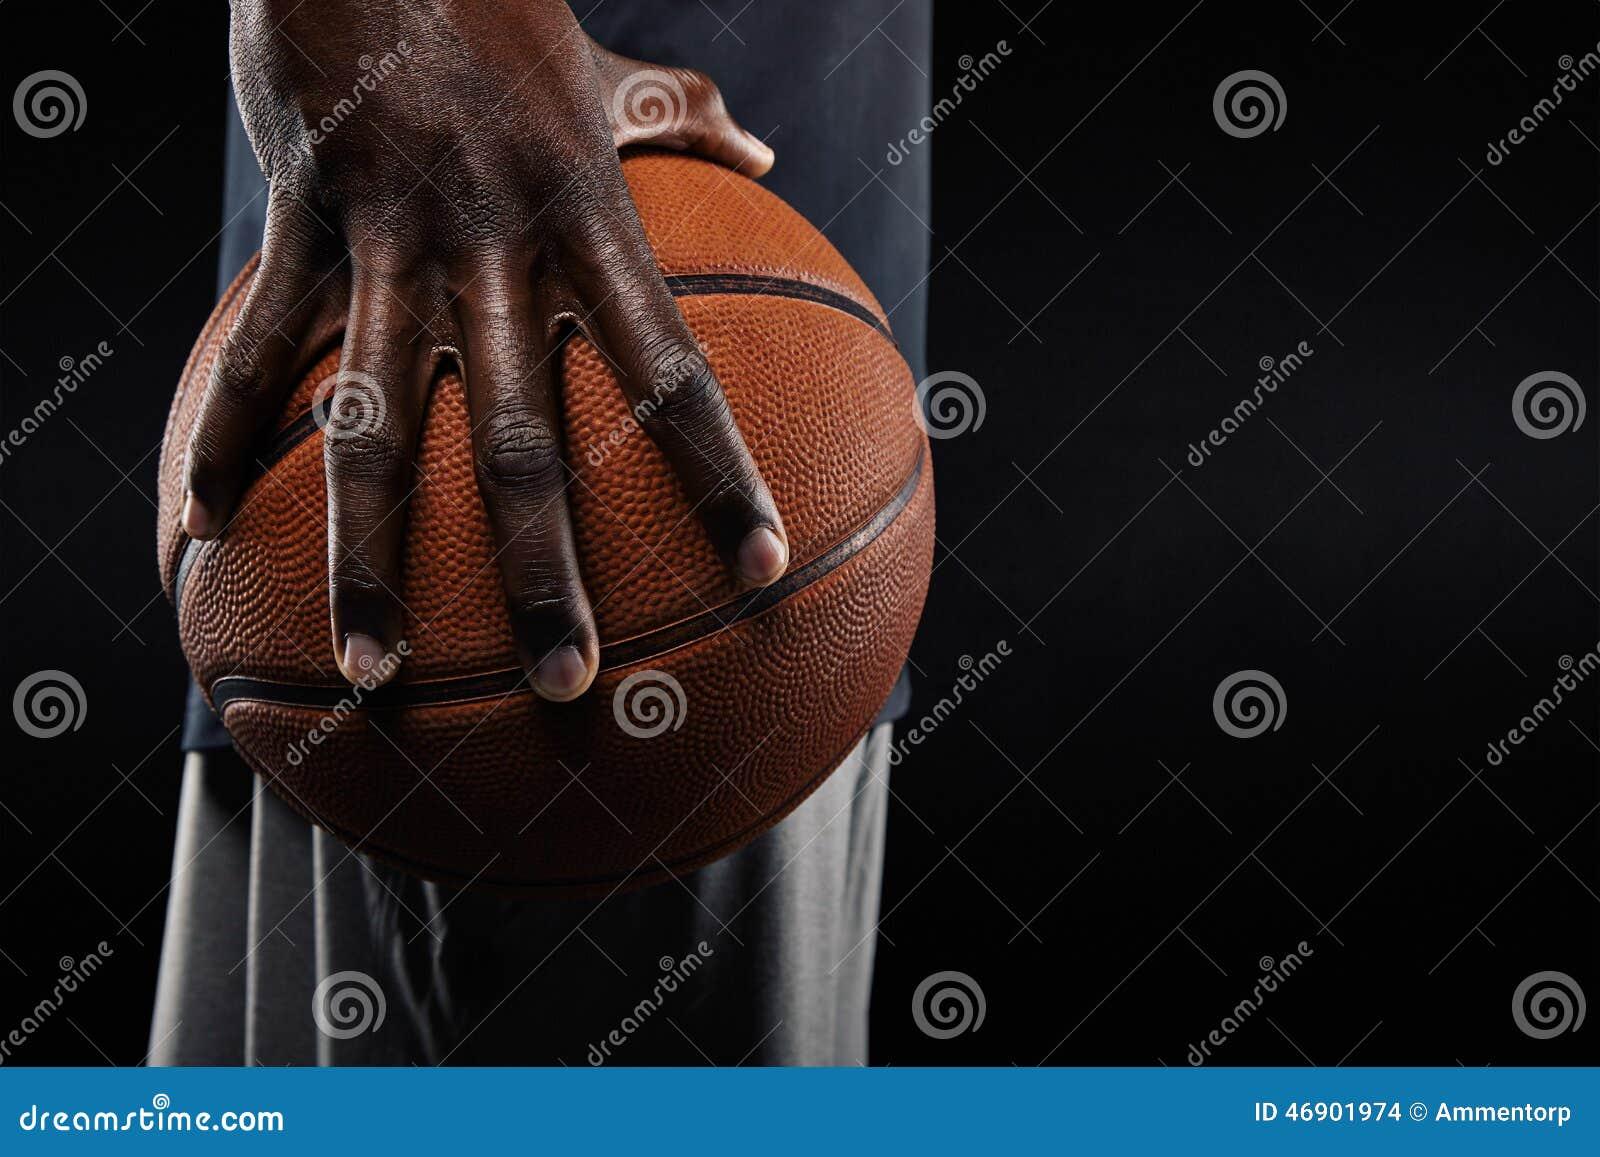 Hand Des Basketball-Spielers Einen Ball Halten Stockfoto - Bild von ...